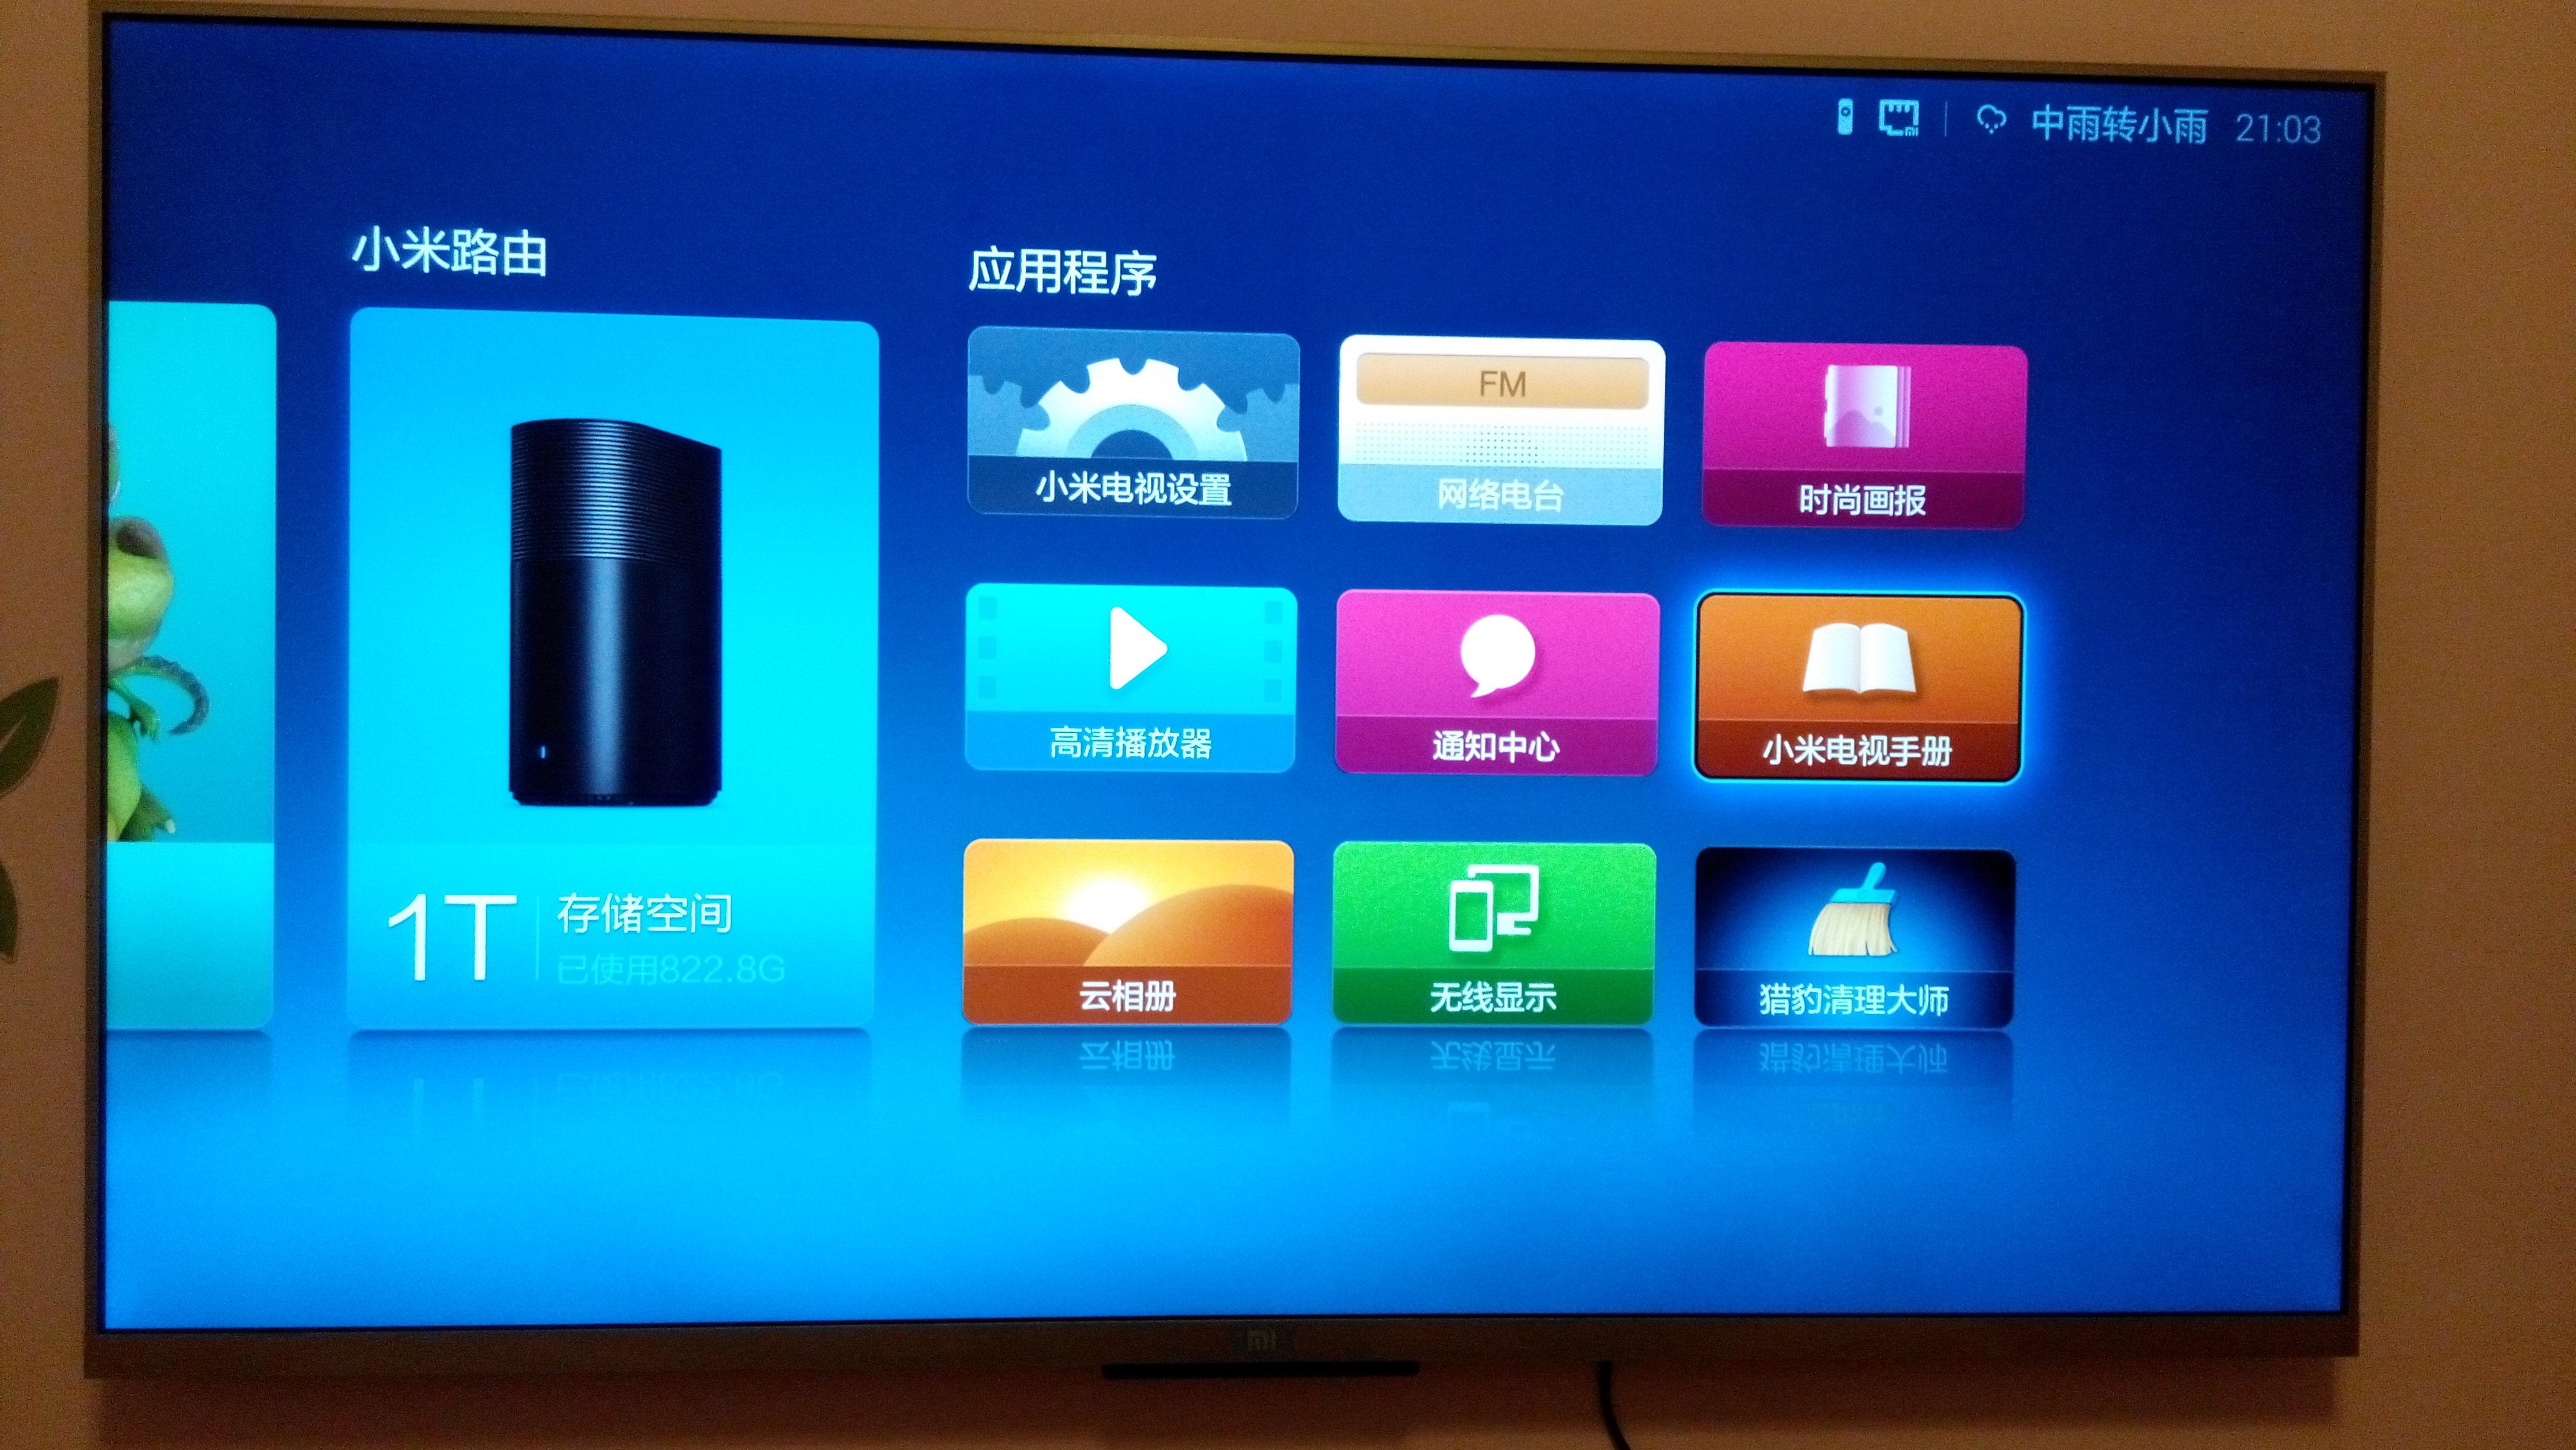 4k电视盒子需要多少m_电视盒子4k片源_4k电视盒子需要多少m